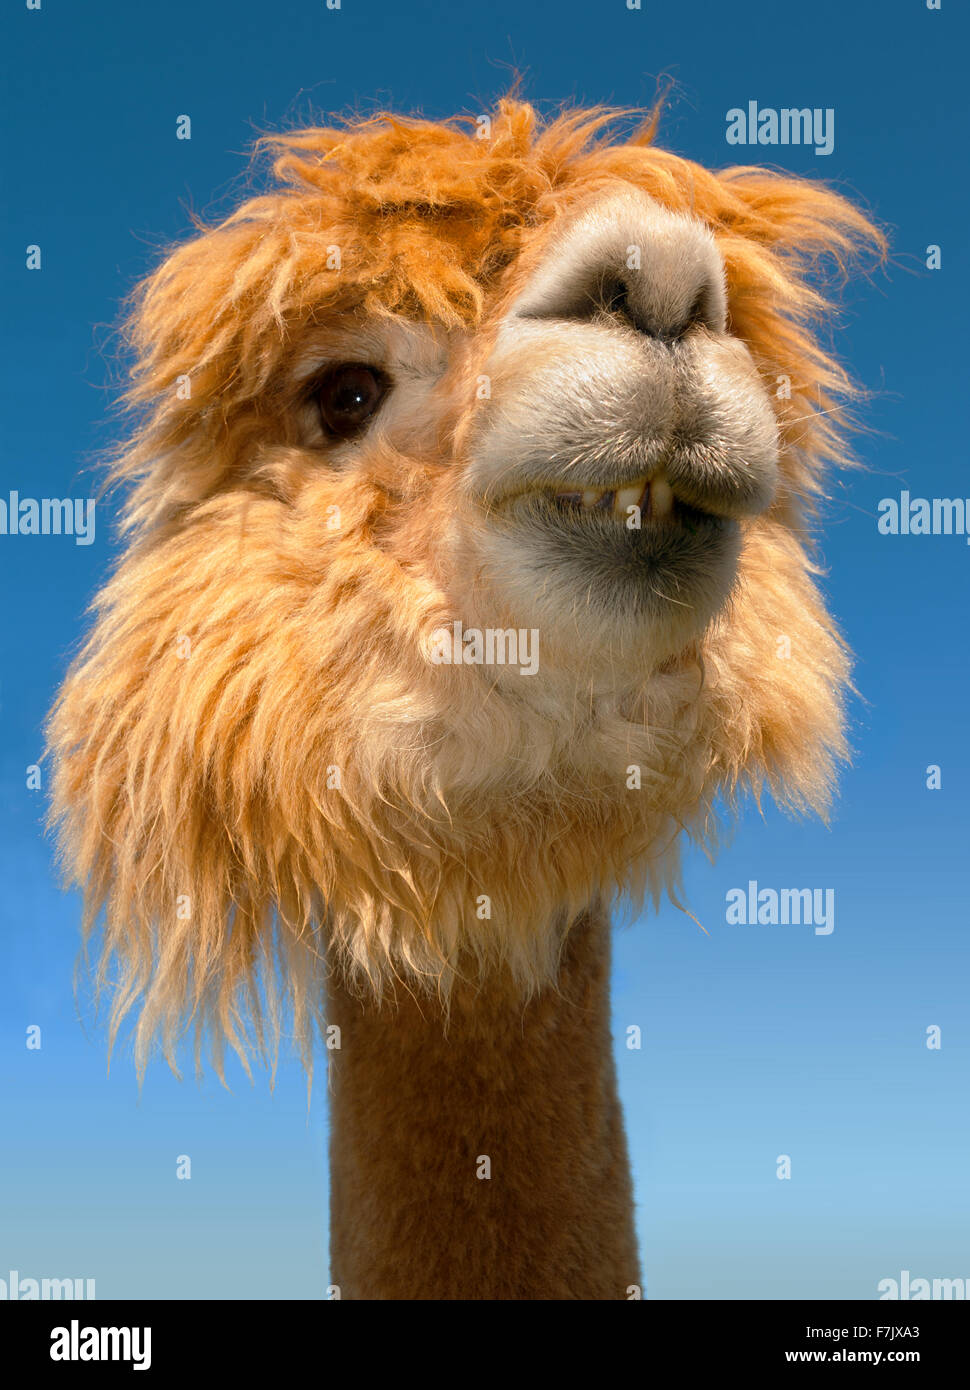 Lama Portrait Sur Ciel Bleu Animaux Droles Verticale Close Up Photo Stock Alamy